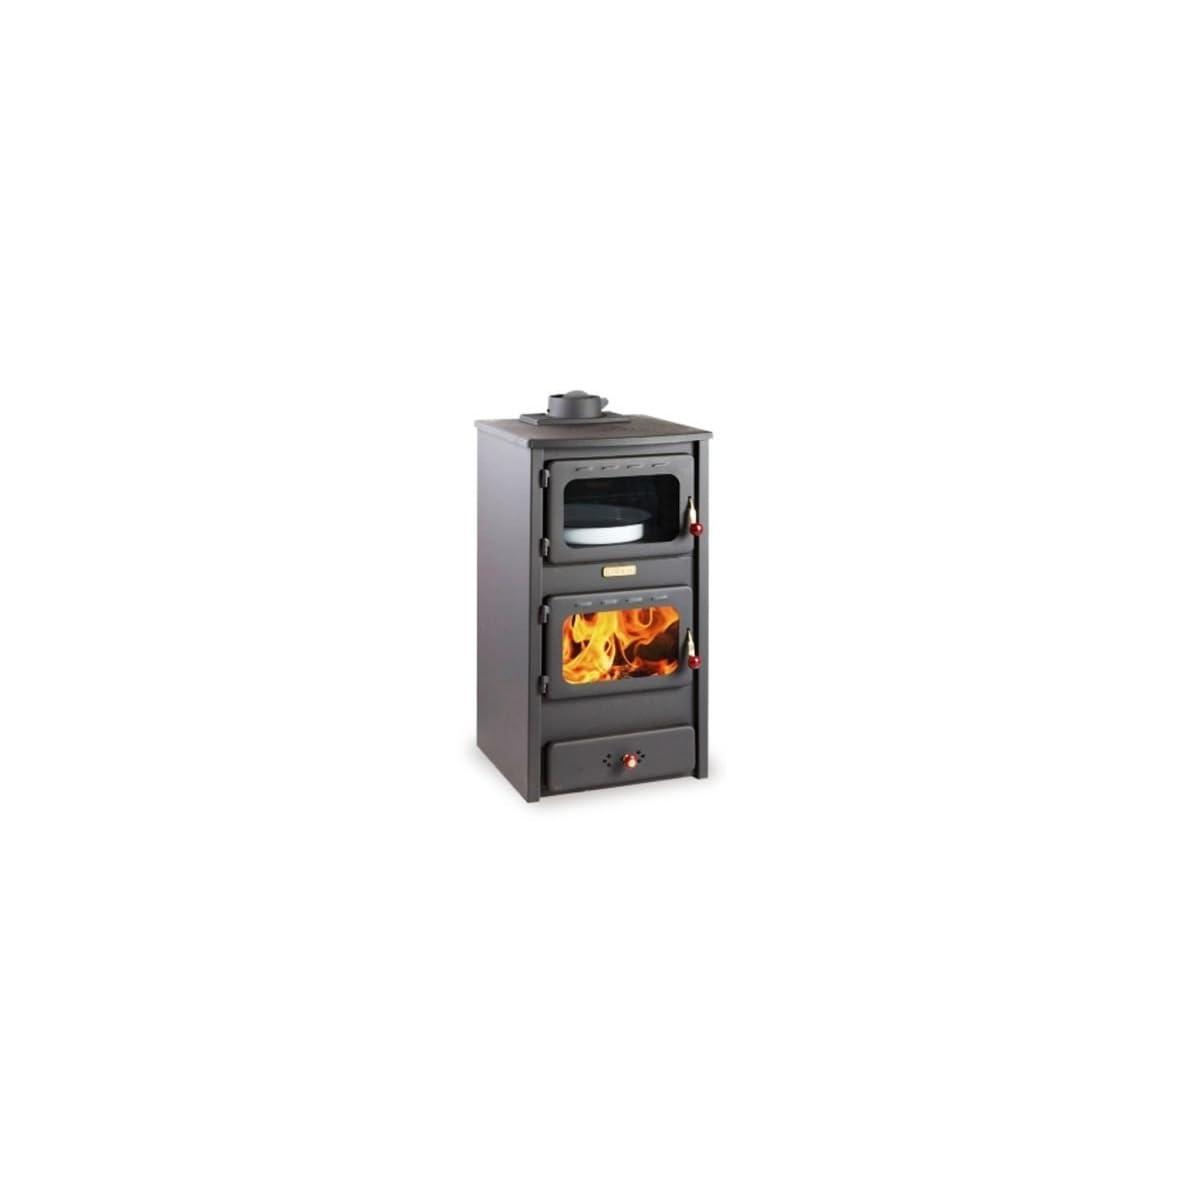 41CgCofHhEL. SS1200  - Estufa de leña con horno de hierro fundido